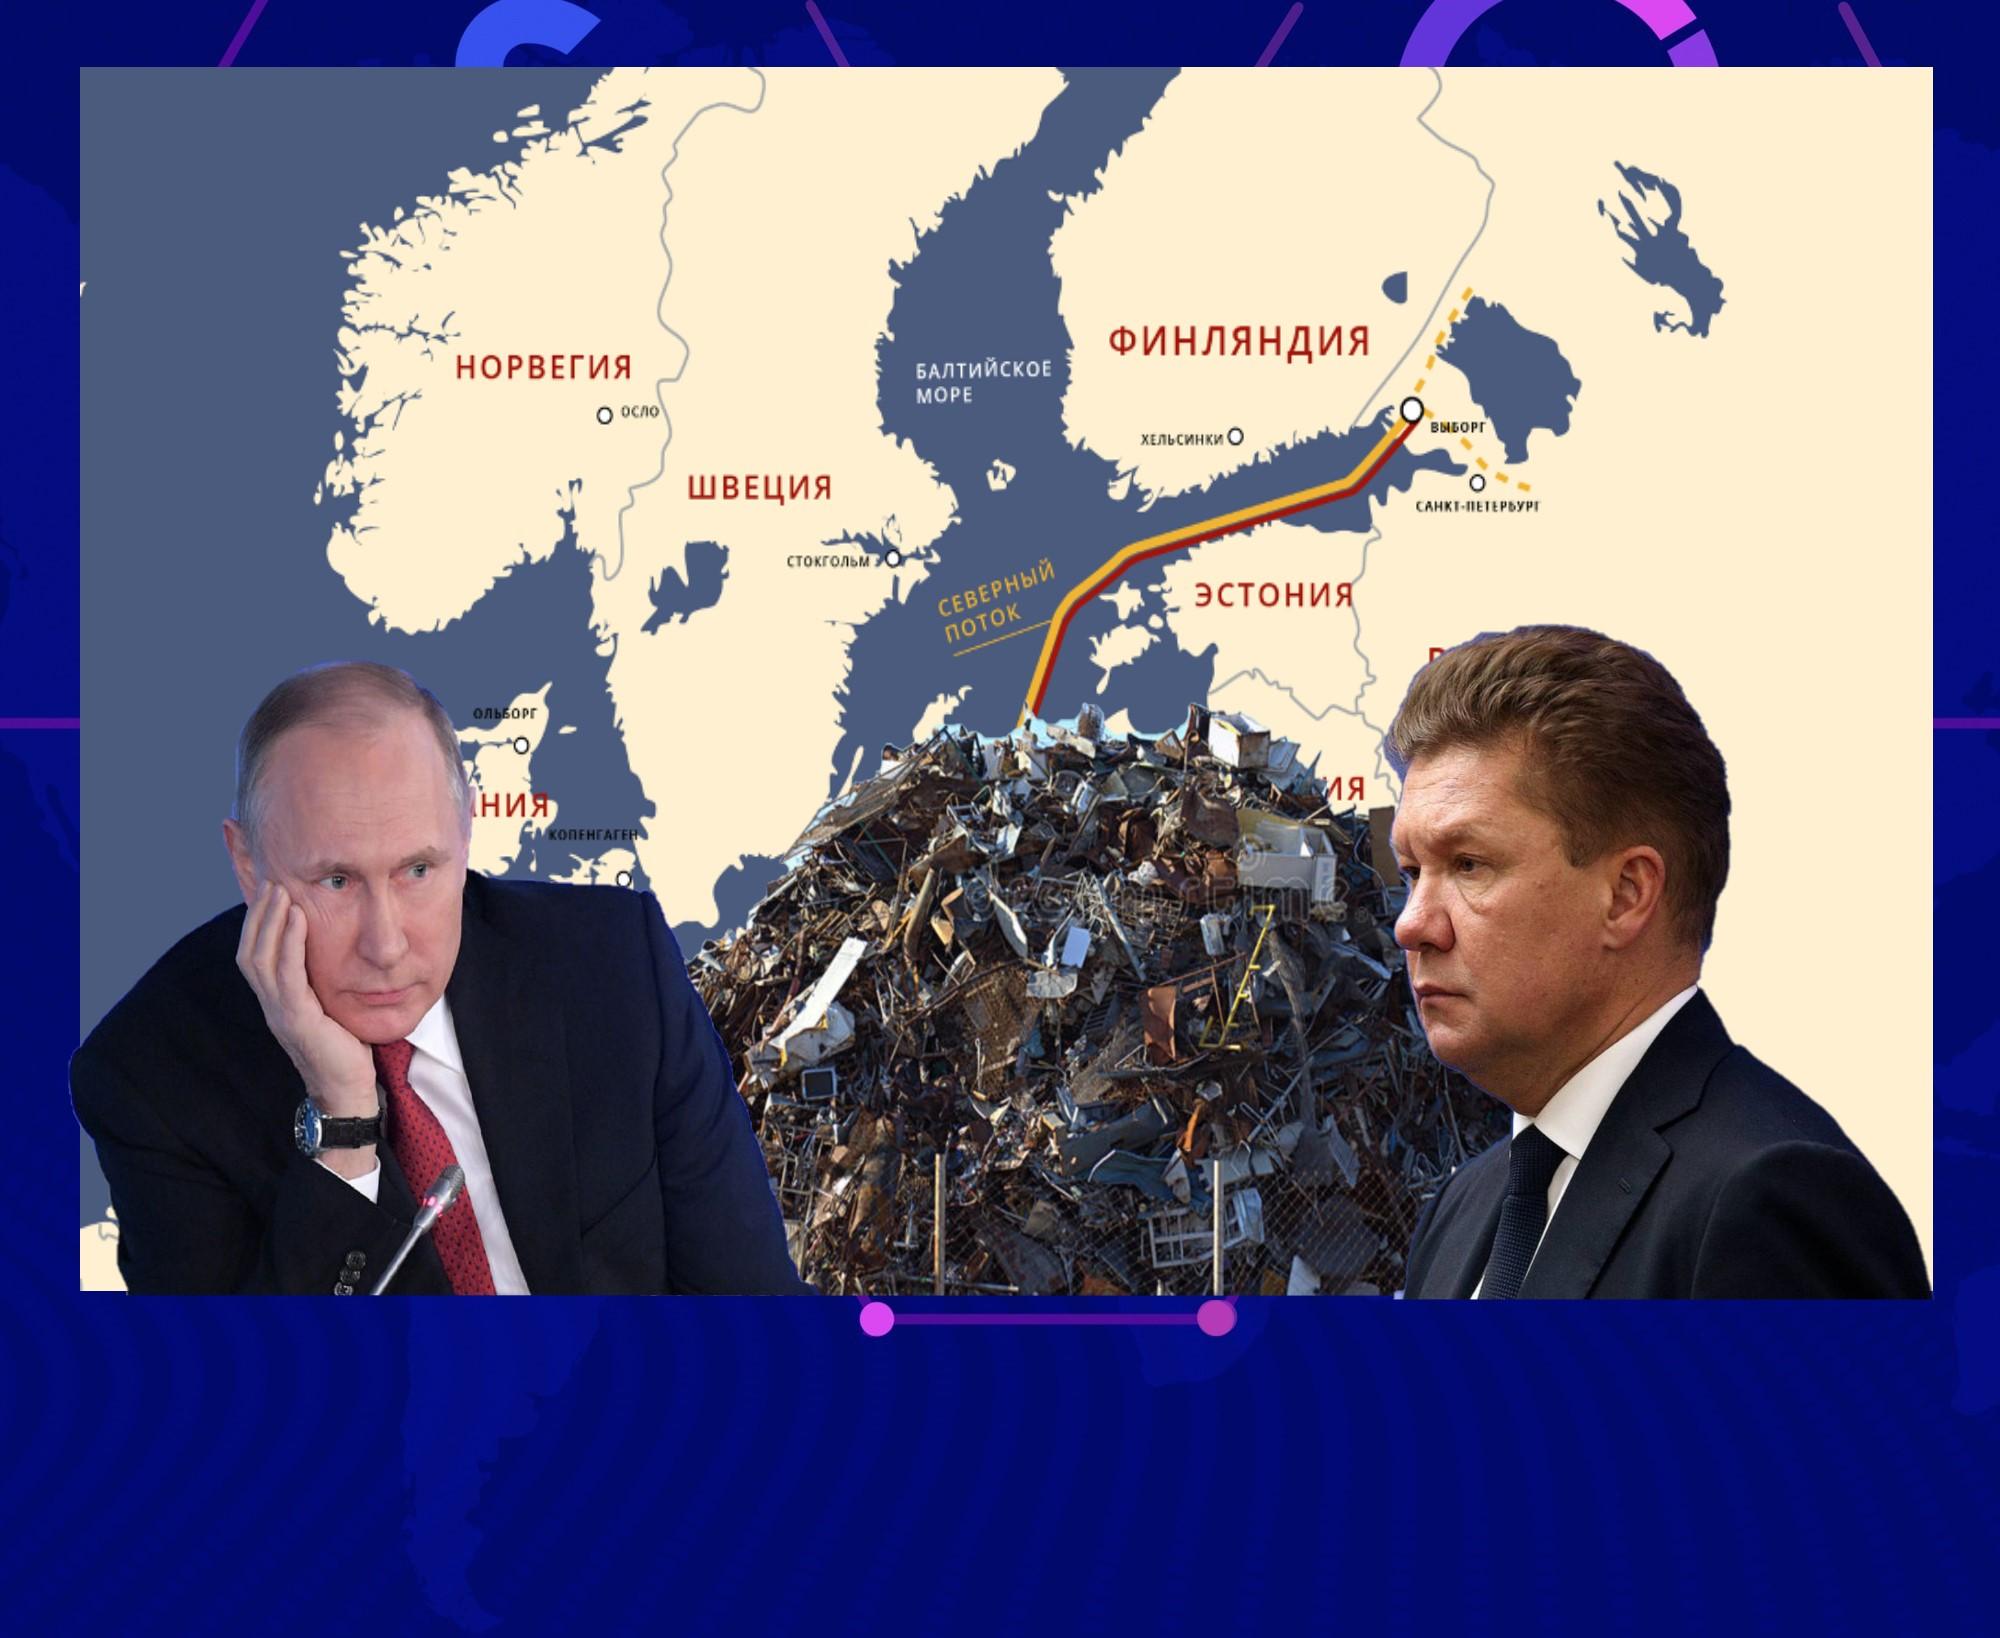 Похоже в достройке Северного потока-2 поставлена окончательная точка. Обошлись без Навального